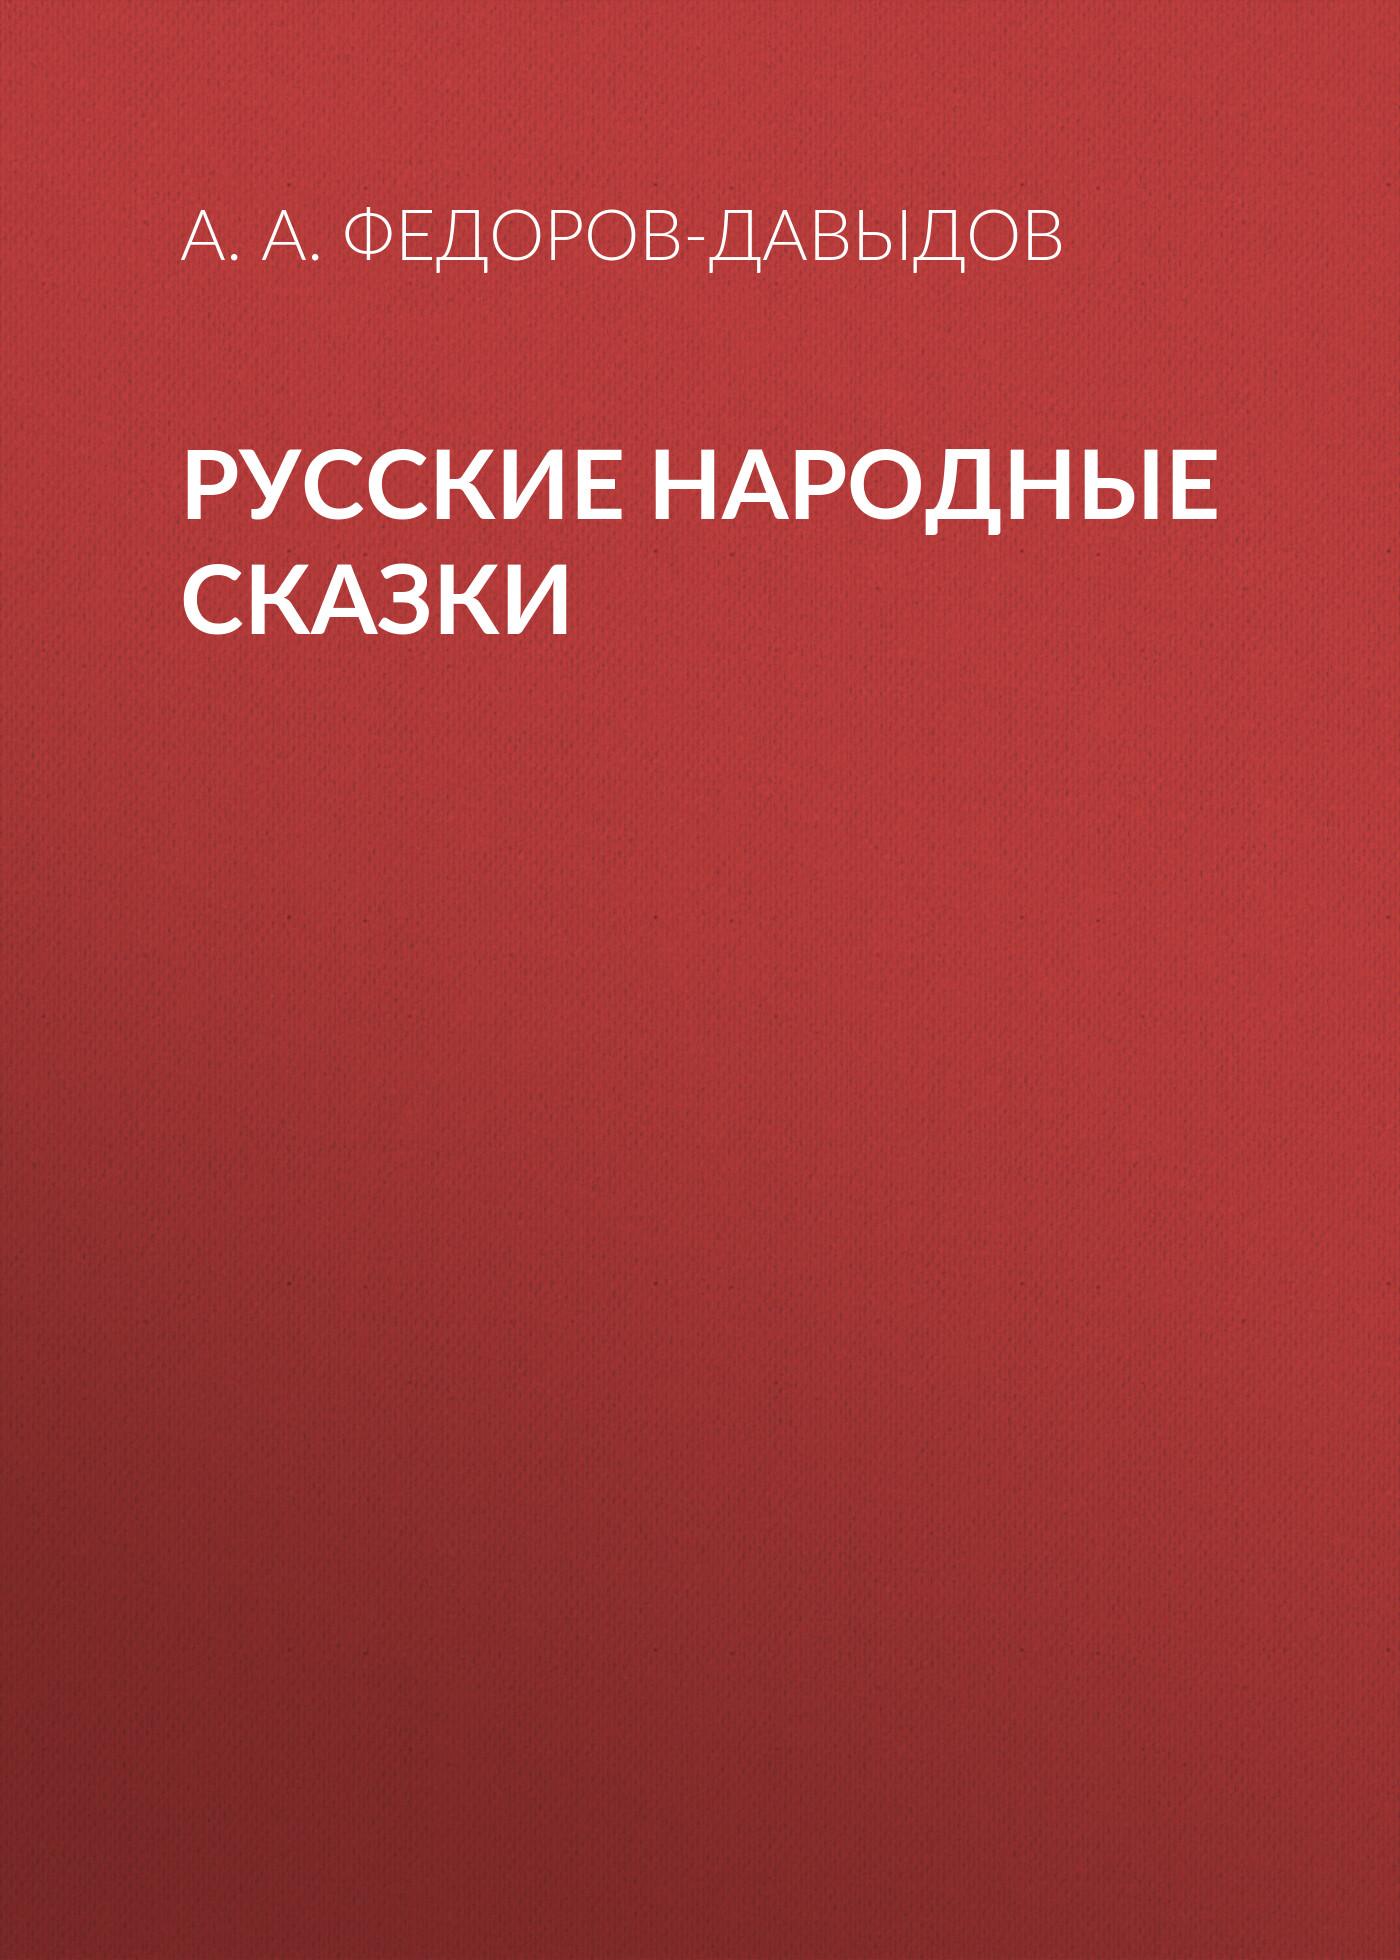 А. А. Федоров-Давыдов Русские народные сказки житков б даль в федоров давыдов а горький м храбрый утенок